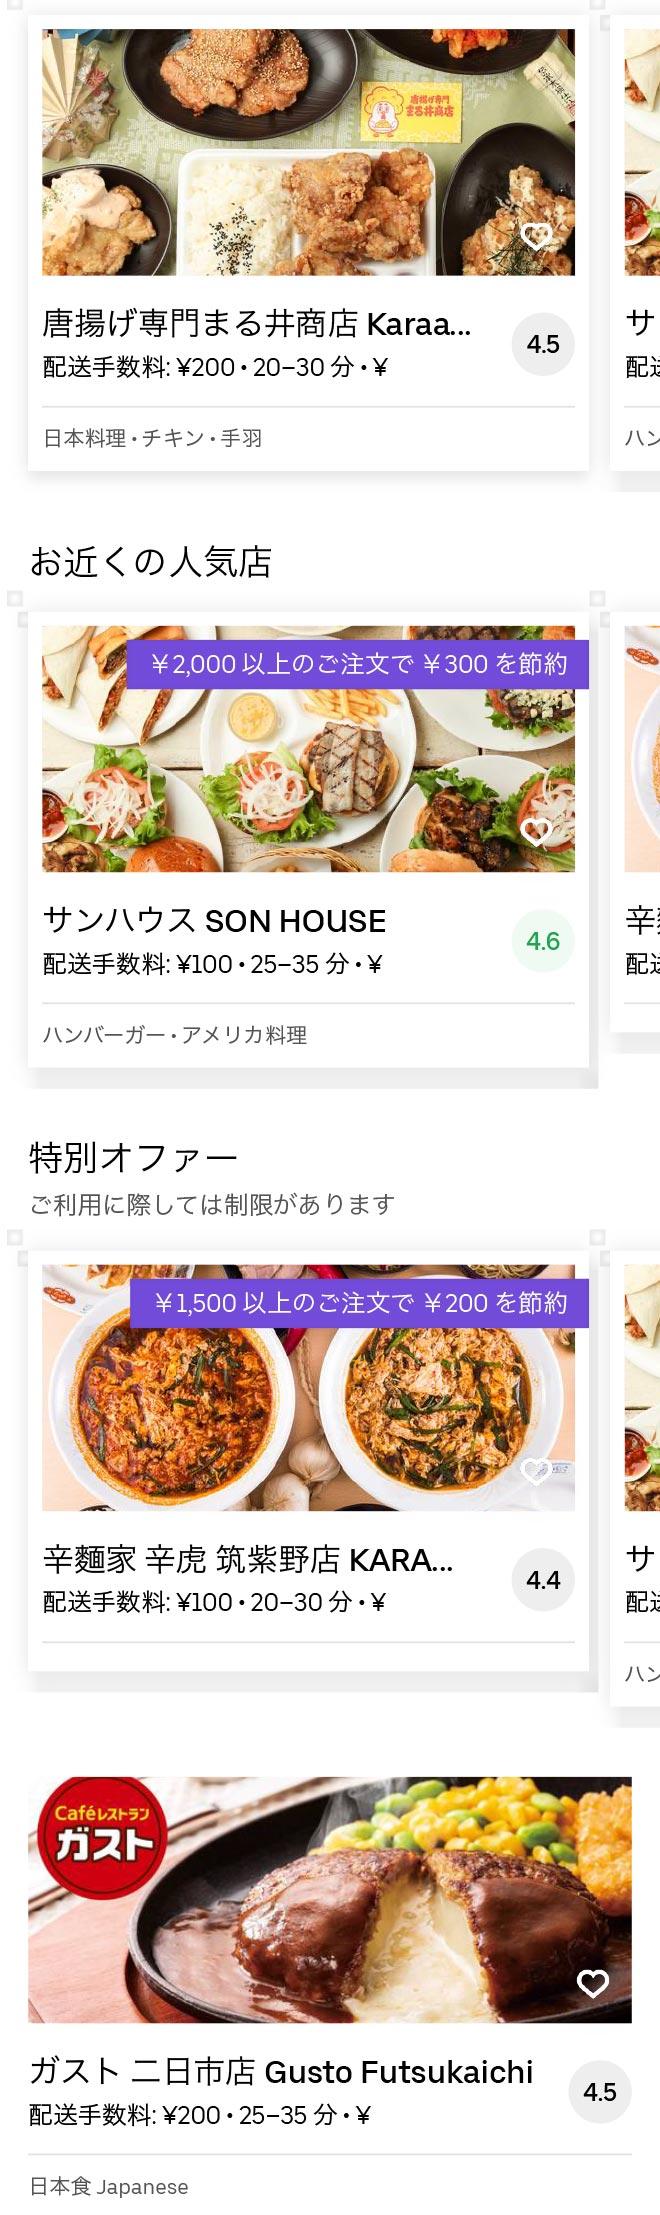 Tofuroumae menu 2004 01